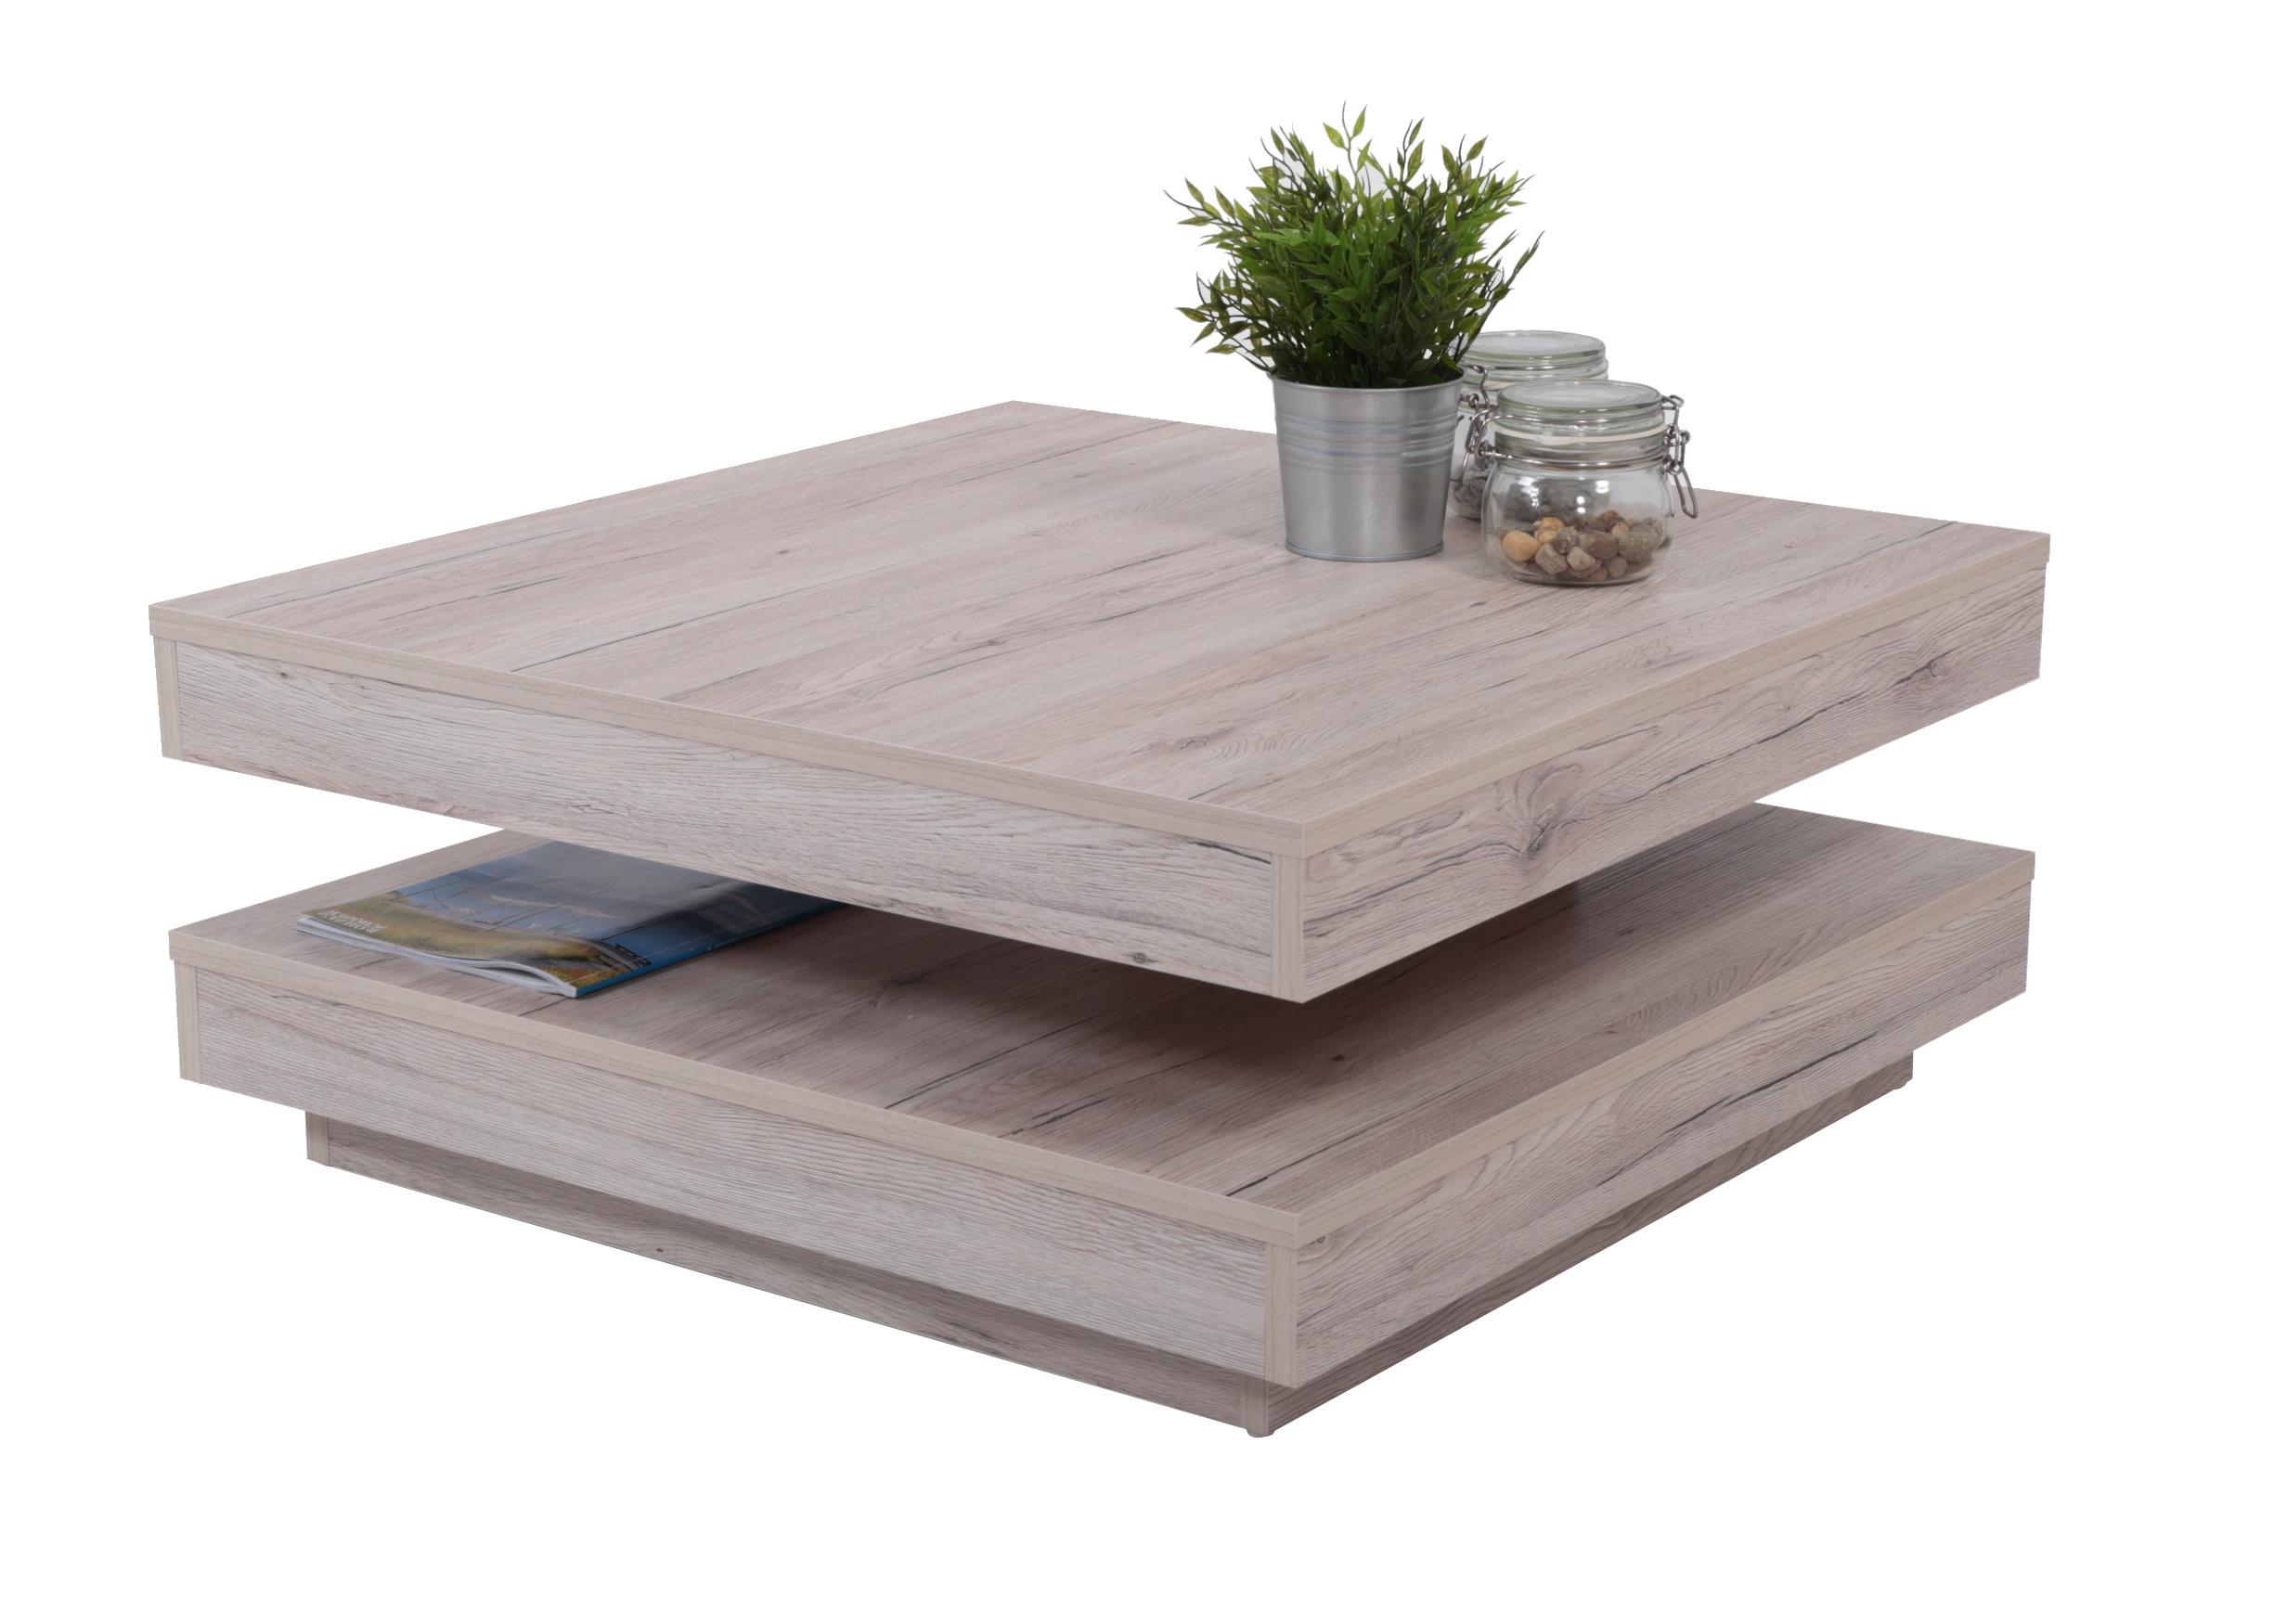 Couchtisch Ben Mit Drehbarer Tischplatte 78 X 78 Cm Eiche Sand